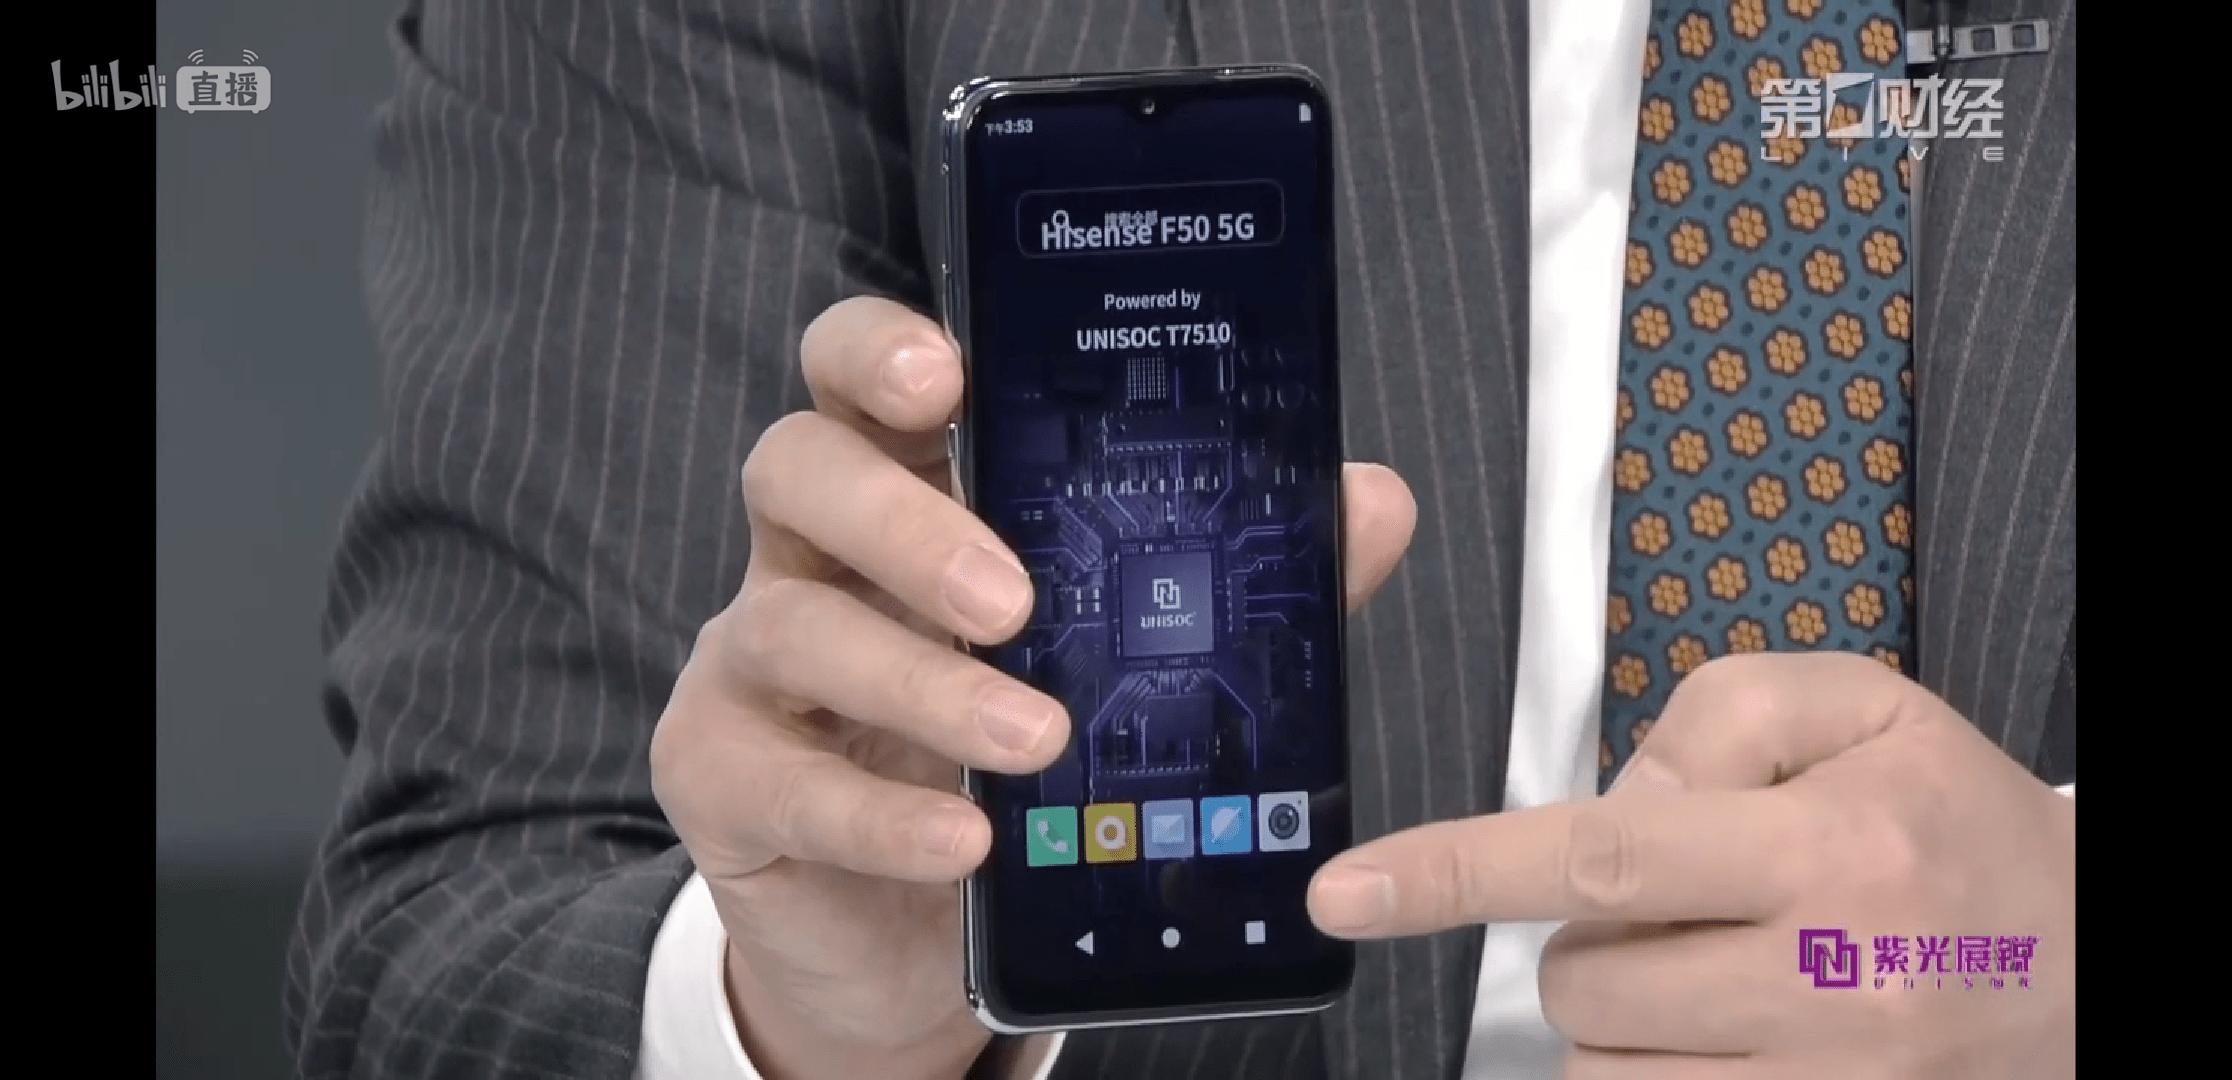 Unisoc Tiger T7510を搭載したHisense F50 5Gを発表、Hisense初の5G通信対応スマートフォン